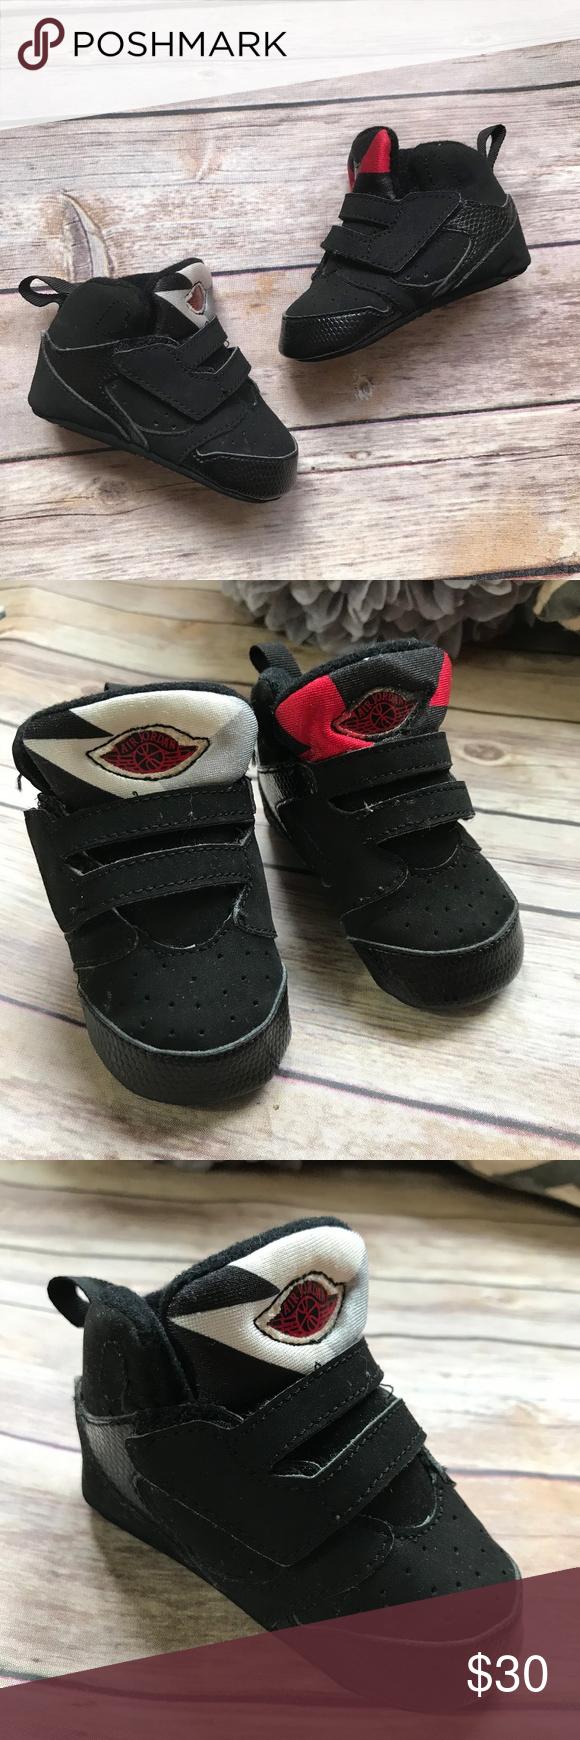 080498611c Nike Air Jordan Sixty Plus Atlanta Hawks Shoe 2 Nike Air Jordan Sixty Plus  Atlanta Hawks